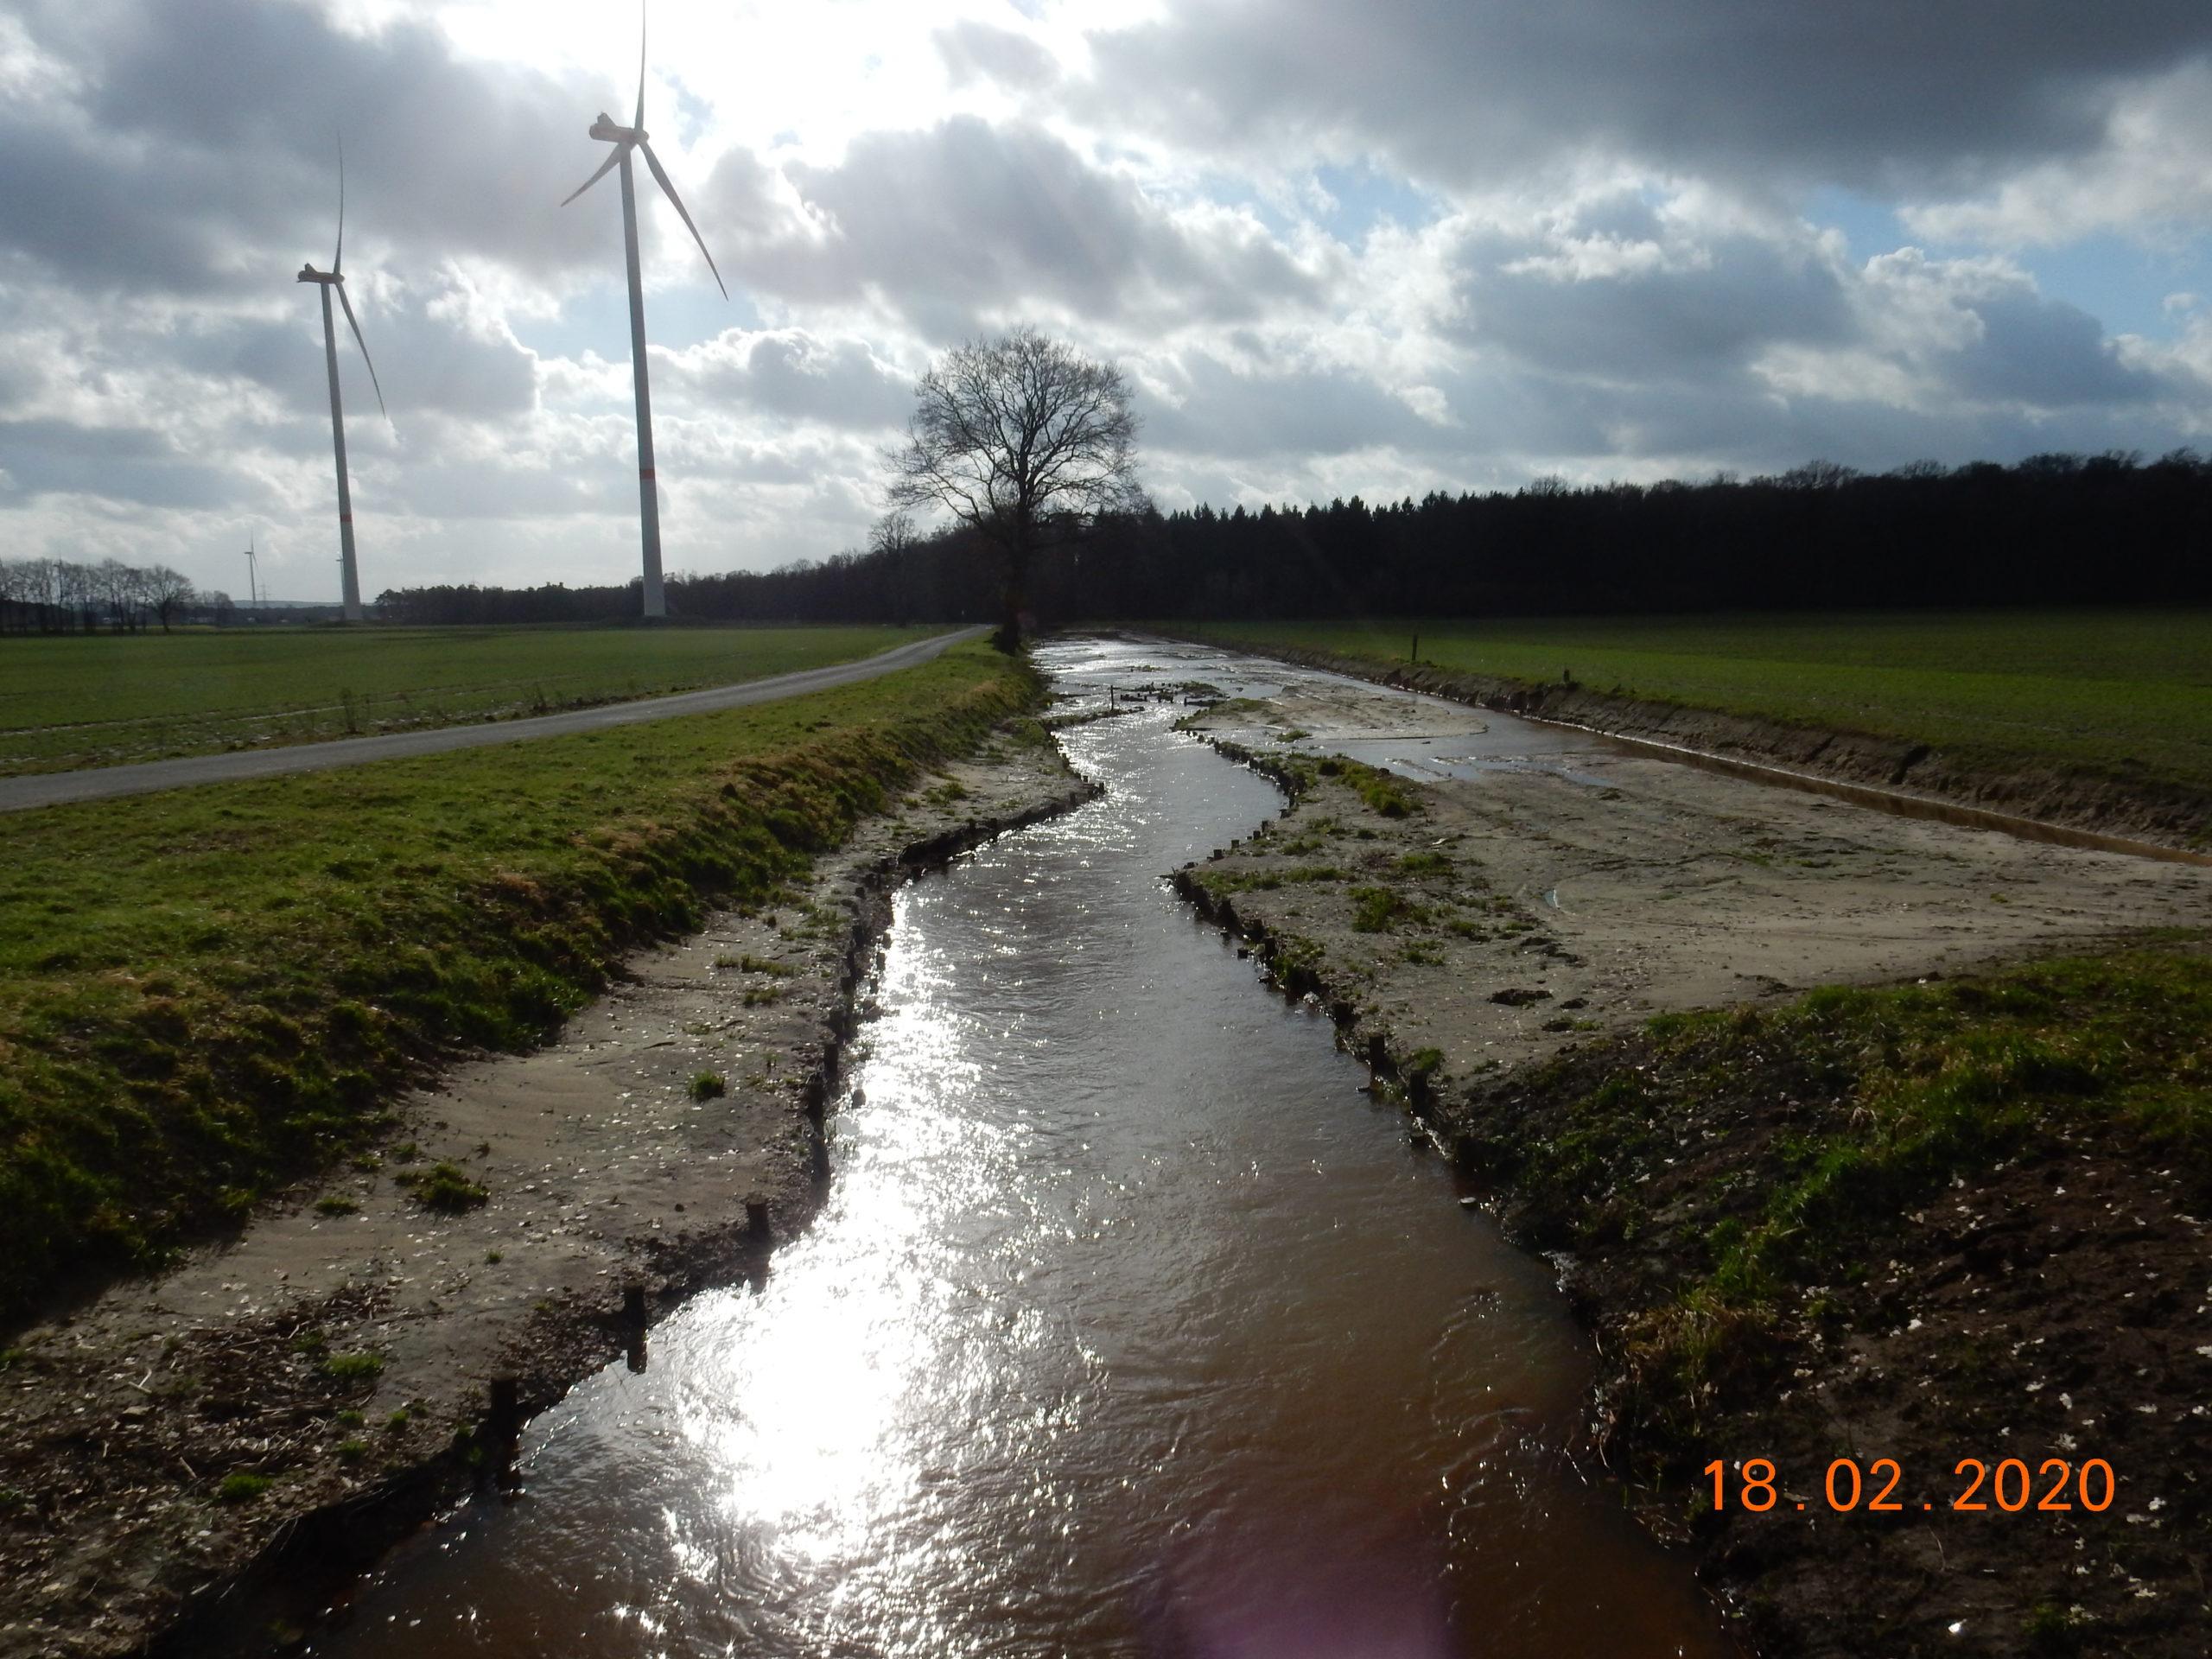 Blick gegen die Fließrichtung bei Hochwasser